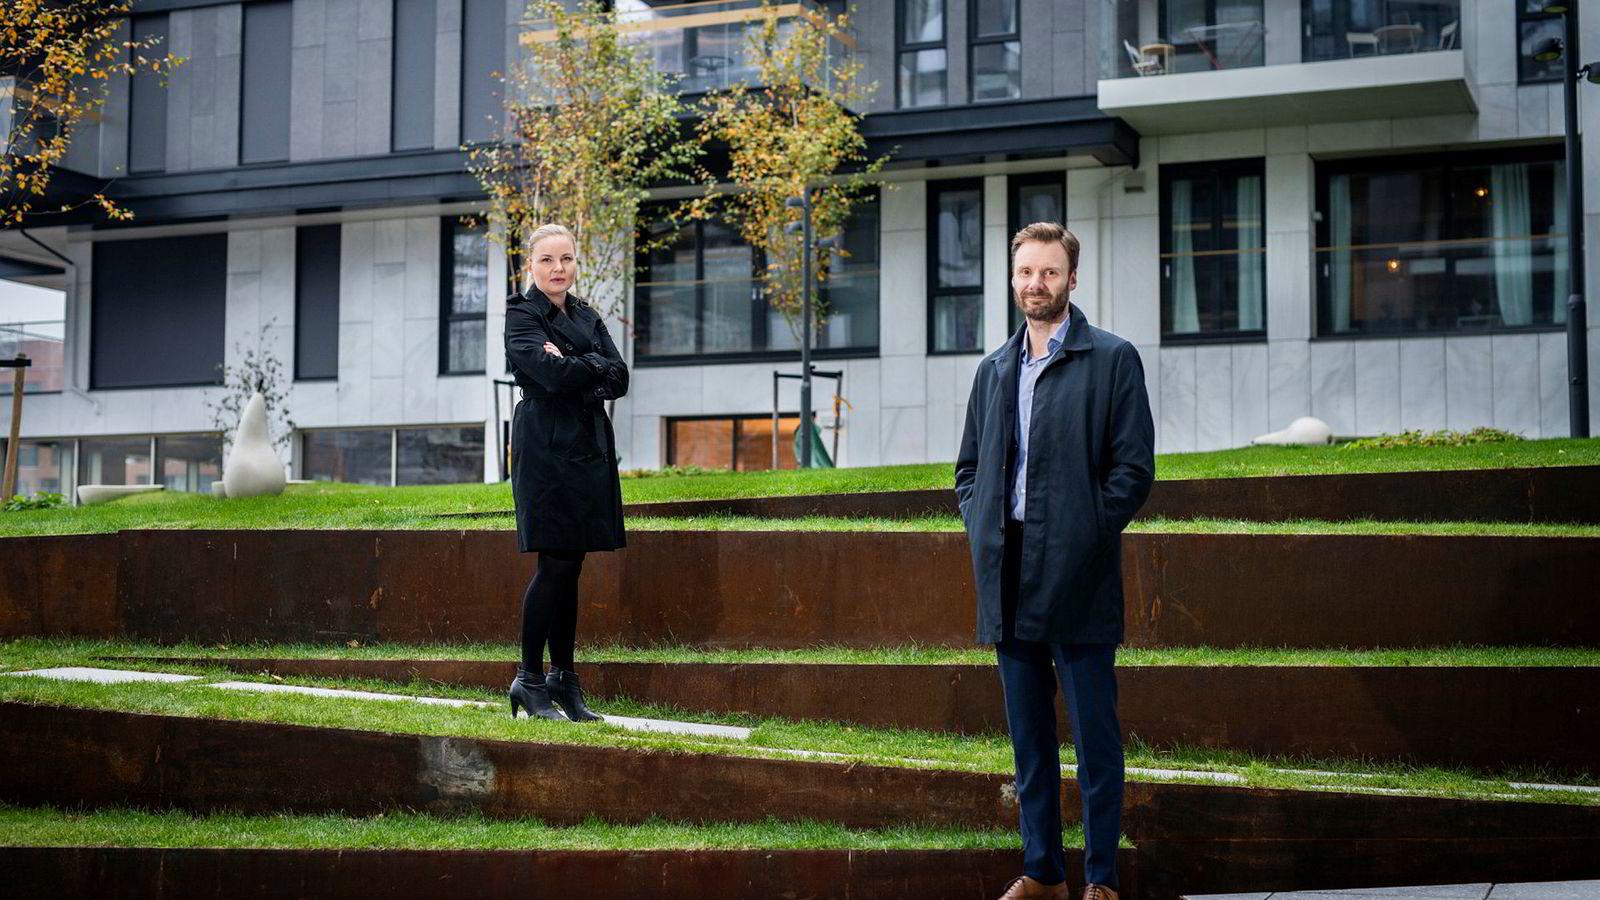 Lederne Ingrid D. Bergh i Sopra Steria og Trygve Håkedal i Storebrand synes det er nedslående at flere unge kvinnelige ledere føler seg forskjellsbehandlet i forhold til mannlige kolleger.